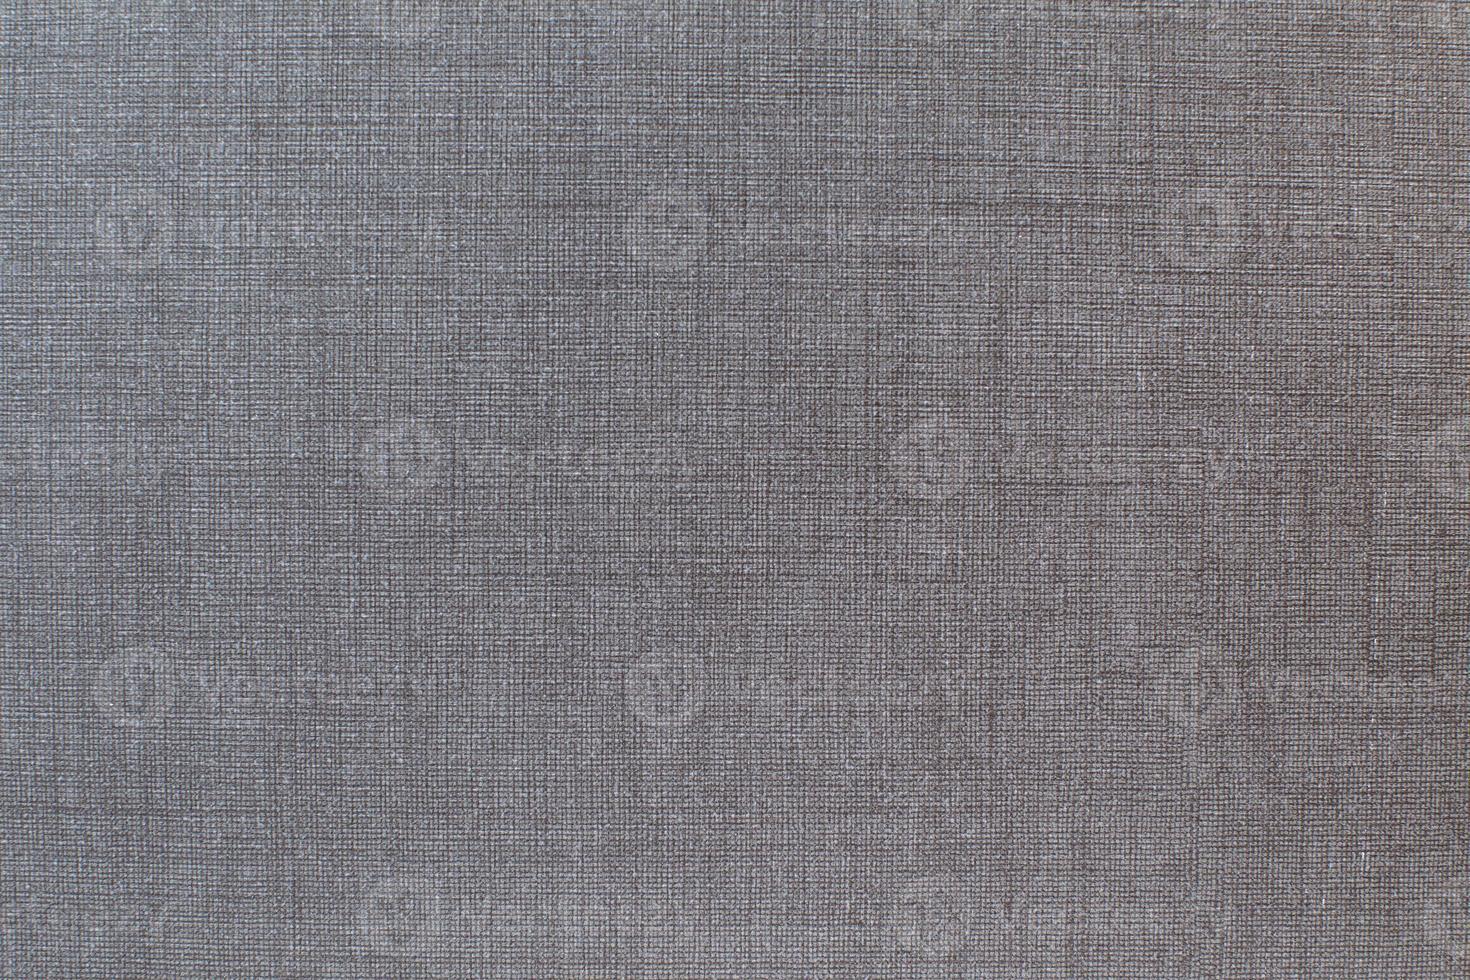 tecido de textura de seda cinza foto